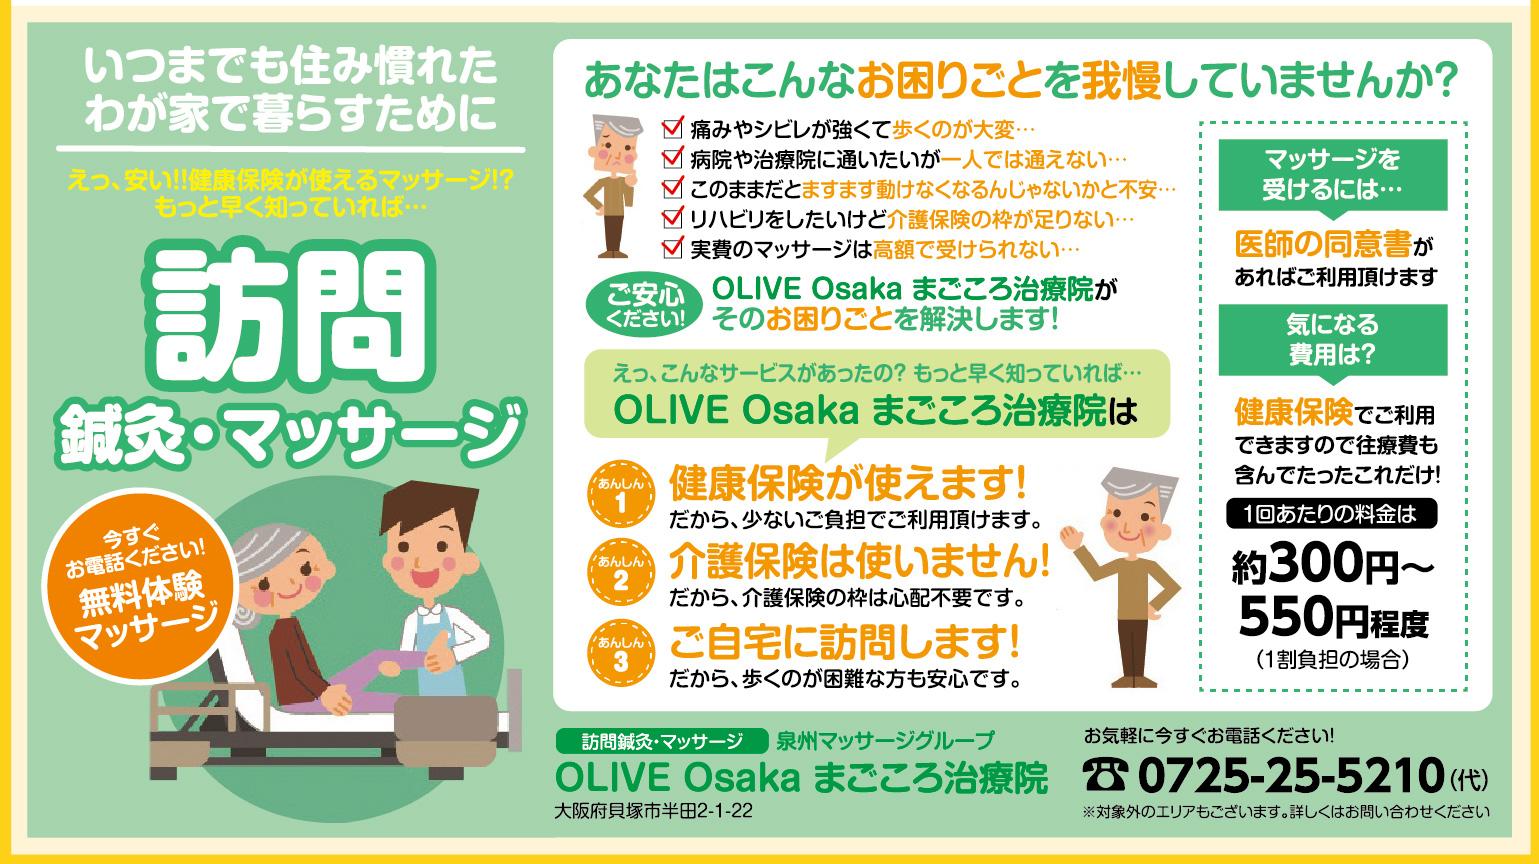 OLIVE Osaka まごころ治療院